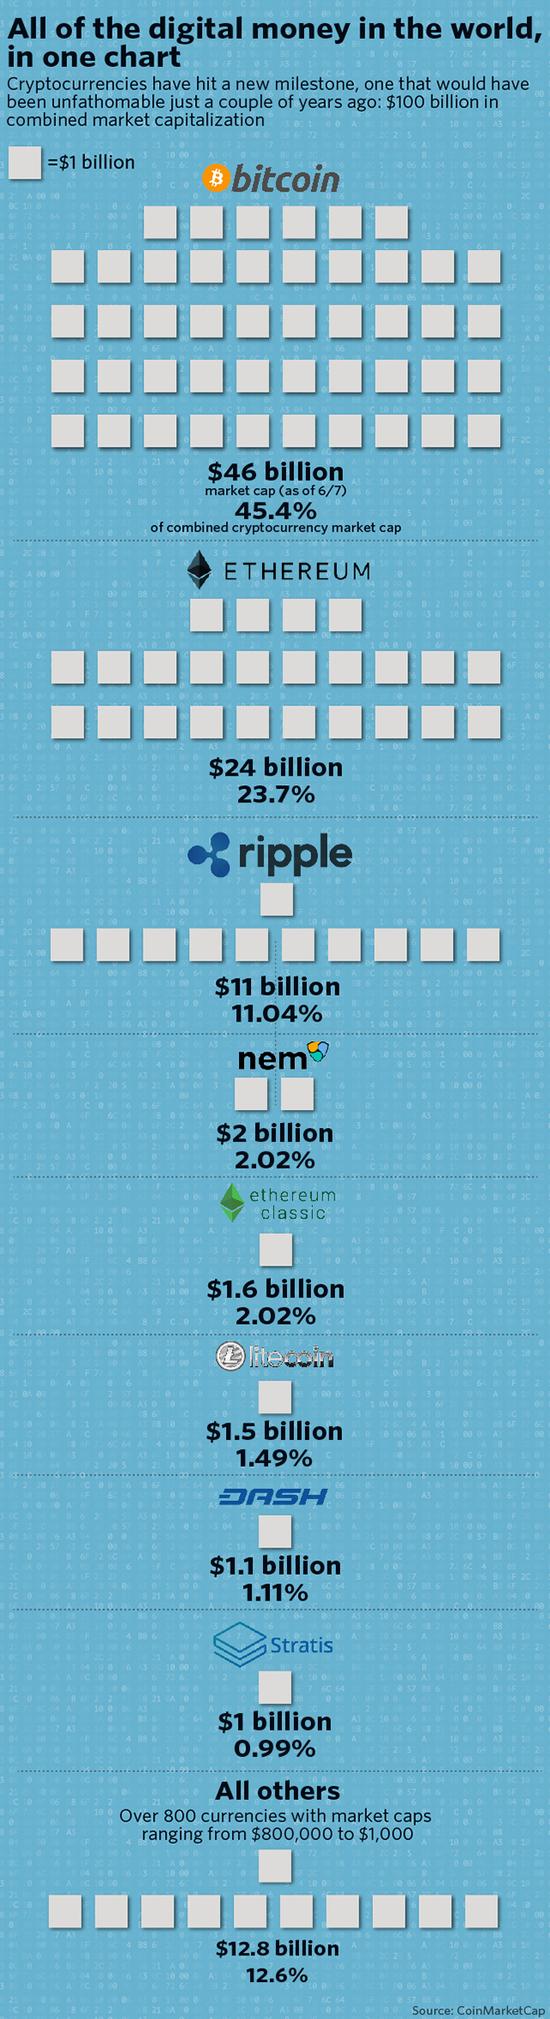 图6 全球数字货币总市值超过1000亿美元